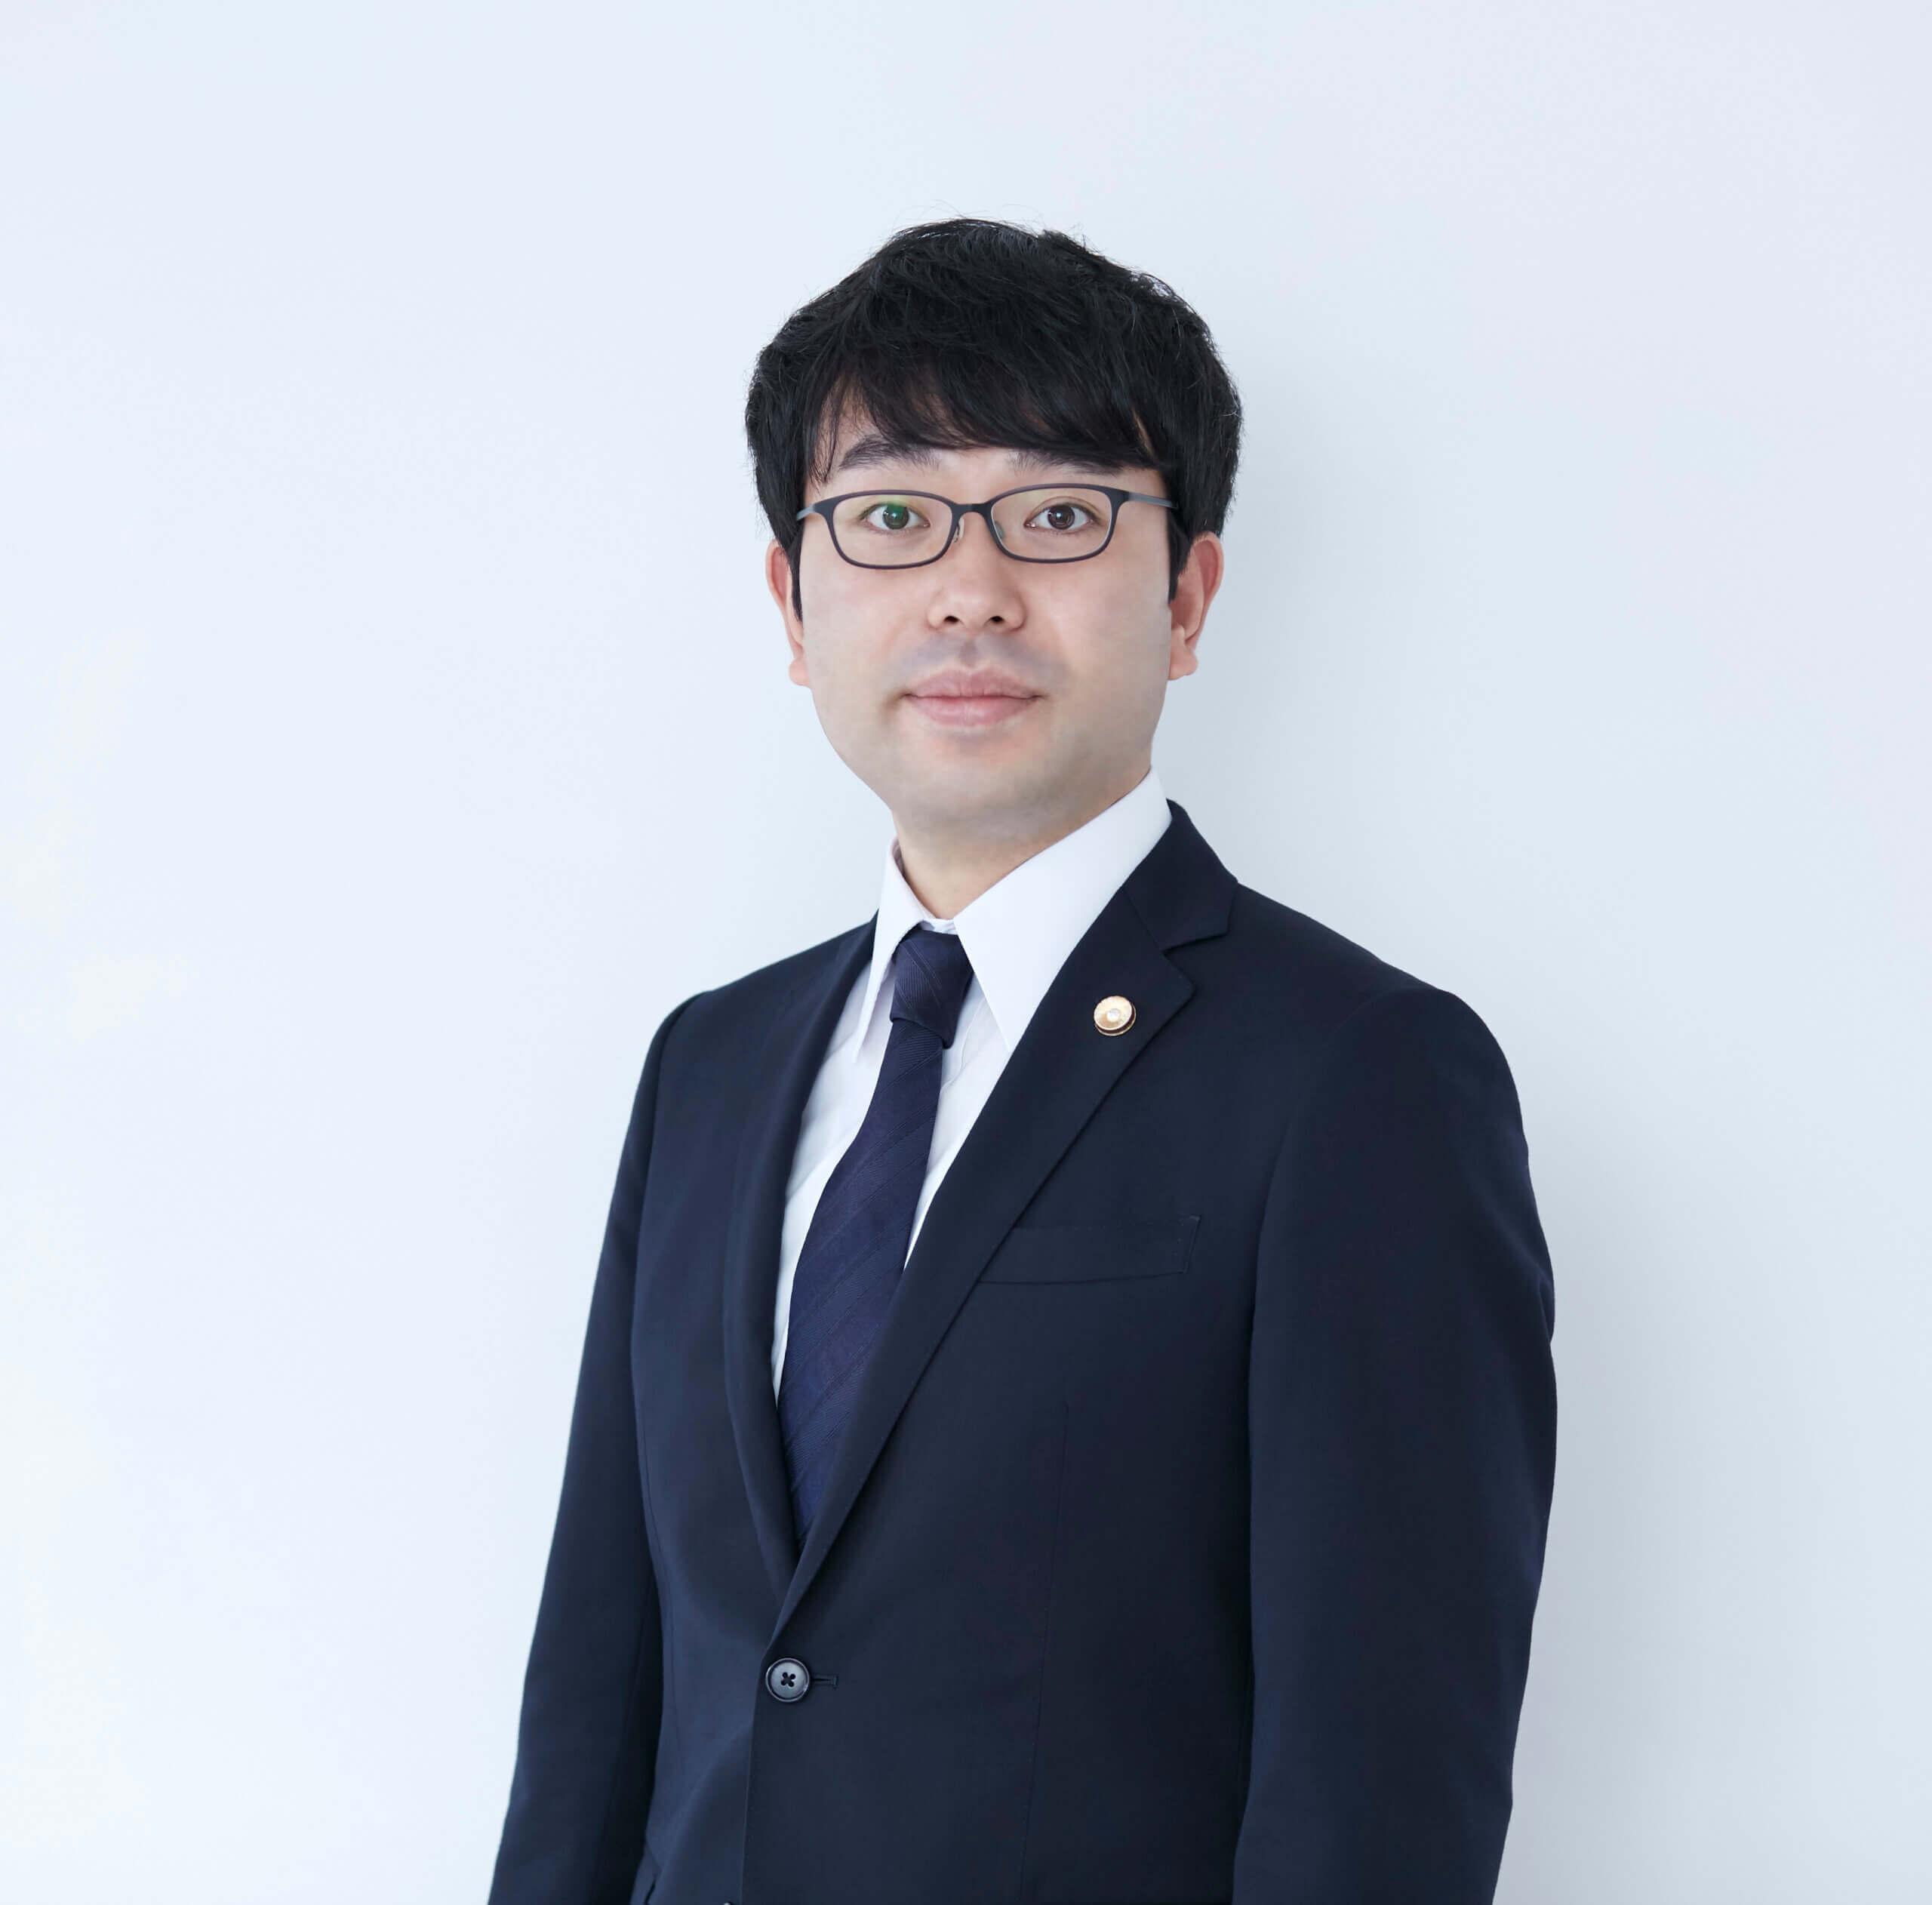 福地広弁護士